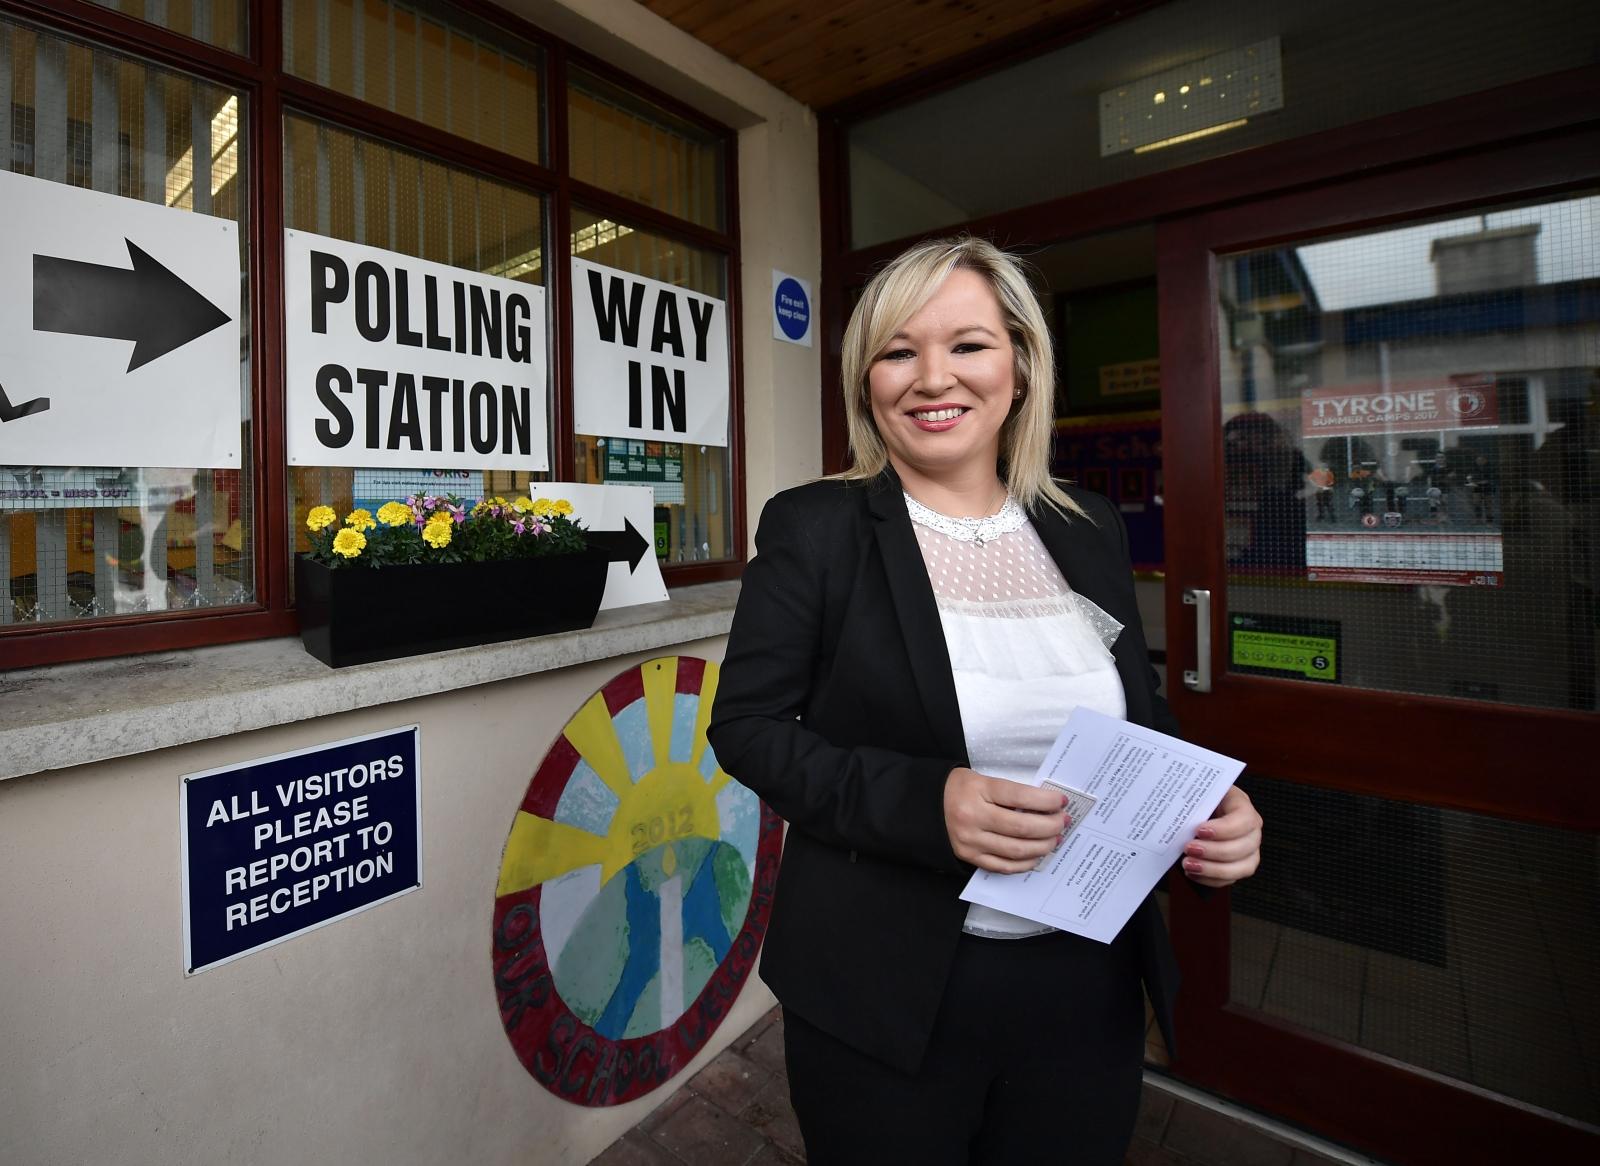 Sinn Fein Leader Michelle O'Neil